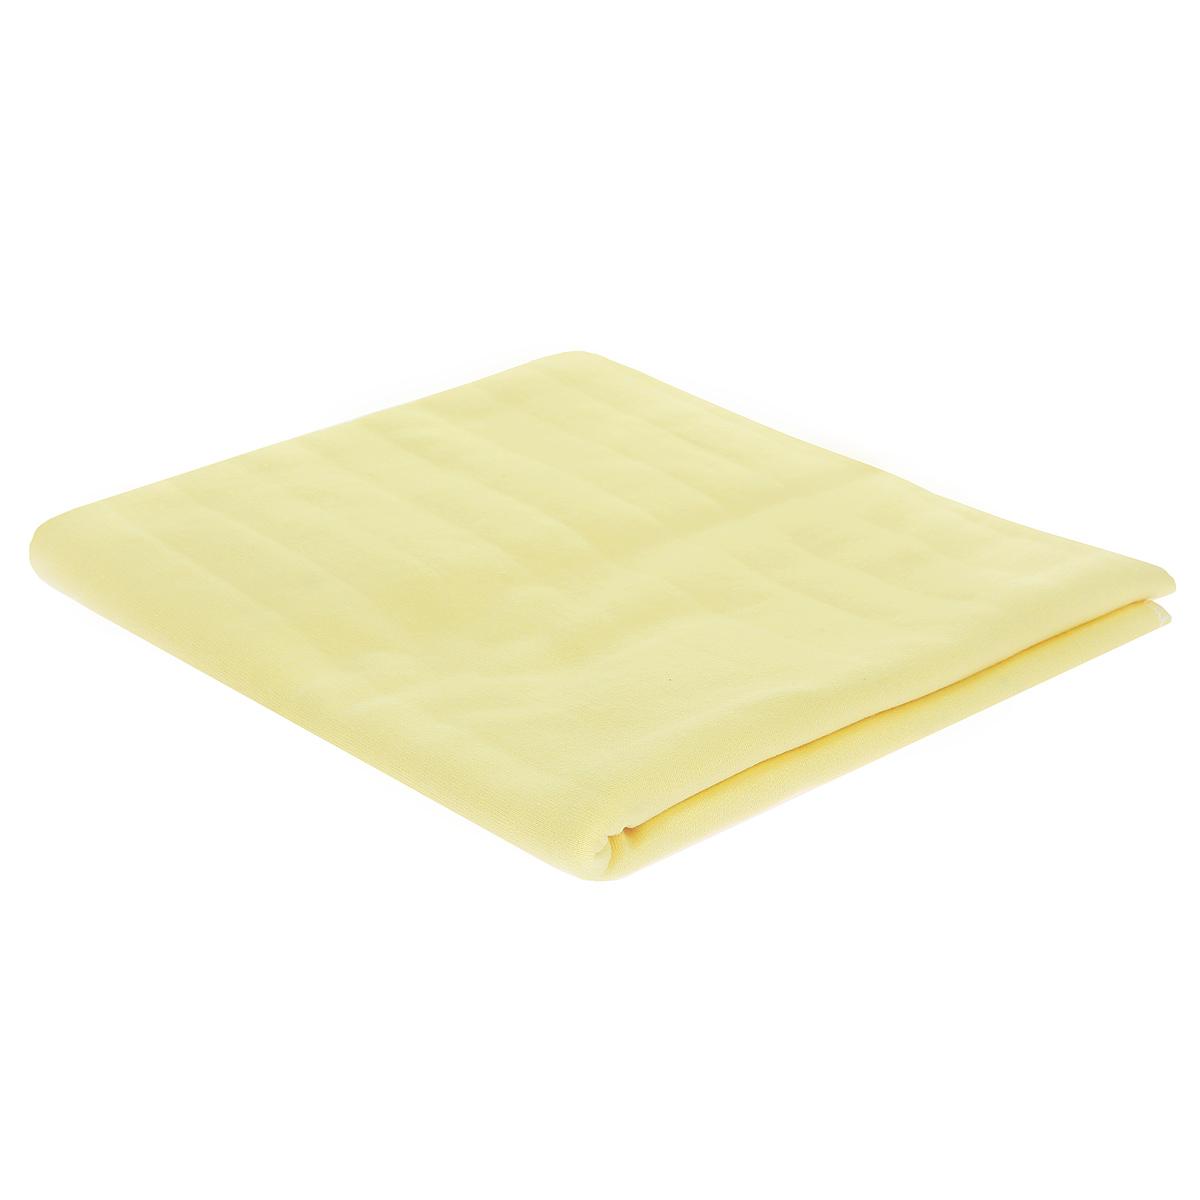 Пеленка детская Трон-Плюс, цвет: желтый, 120 см х 90 см5411 жДетская пеленка Трон-Плюс подходит для пеленания ребенка с самого рождения. Она невероятно мягкая и нежная на ощупь. Пеленка выполнена из футера - хлопчатобумажной ткани с небольшим начесом с изнаночной стороны. Такая ткань прекрасно дышит, она гипоаллергенна, обладает повышенными теплоизоляционными свойствами и не теряет формы после стирки. Мягкая ткань укутывает малыша с необычайной нежностью. Пеленку также можно использовать как легкое одеяло в теплую погоду, простынку, полотенце после купания, накидку для кормления грудью или как согревающий компресс при коликах. Ее размер подходит для пеленания даже крупного малыша. Характеристики: Размер пеленки: 120 см x 90 см.